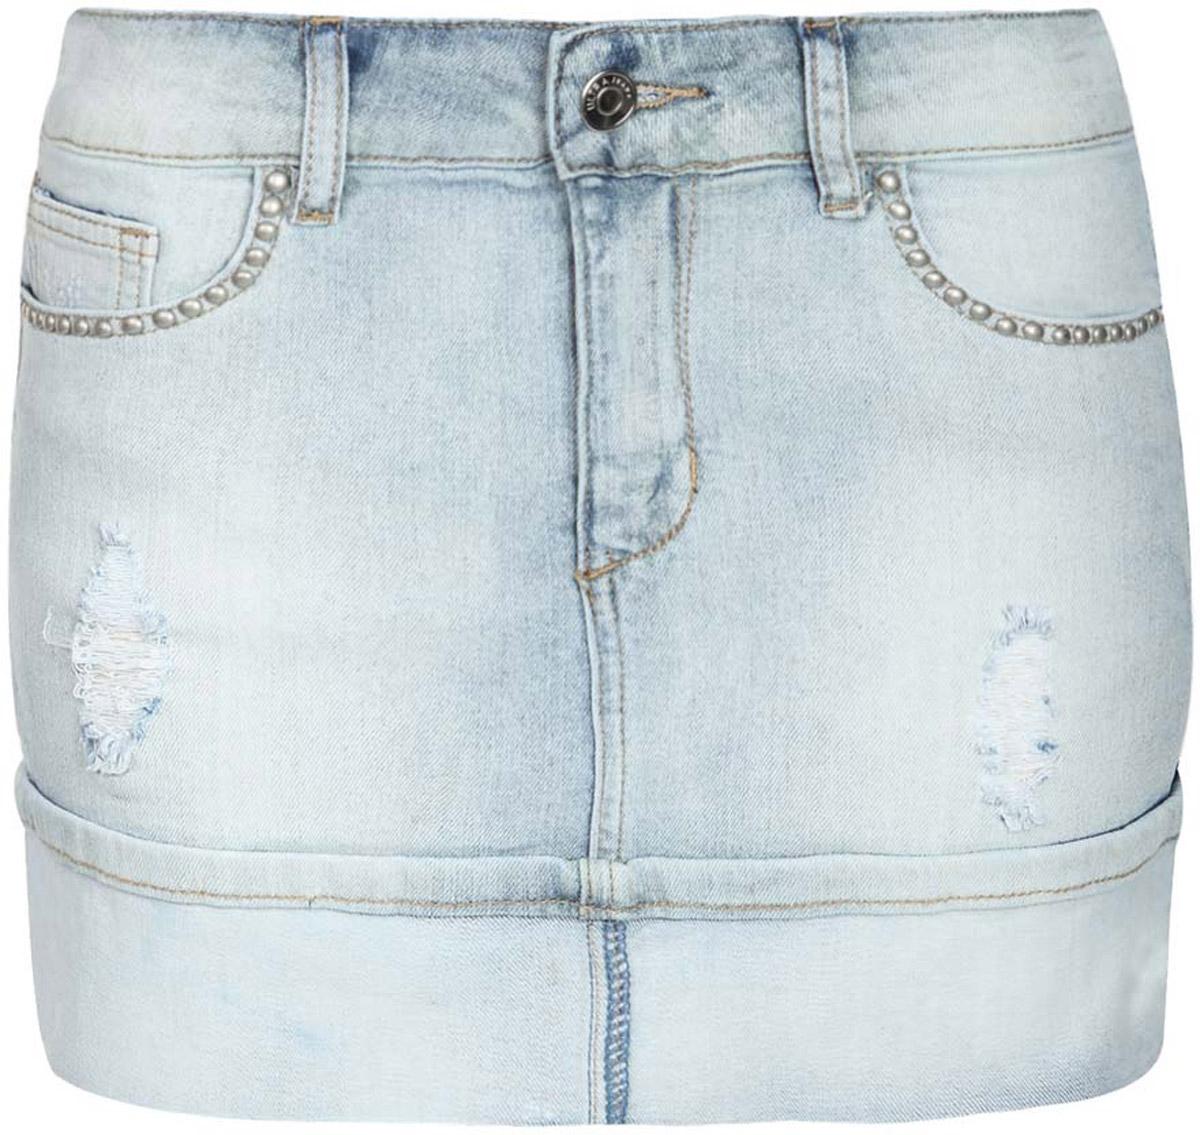 Юбка oodji Denim, цвет: голубой джинс. 11510004/45369/7000W. Размер 38-170 (44-170)11510004/45369/7000WМодная джинсовая мини-юбка oodji Denim выполнена из хлопка с добавлением эластана. Юбка застегивается на пуговицу в поясе и ширинку на застежке-молнии, имеются шлевки для ремня. Спереди расположены два втачных кармана и один небольшой накладной кармашек, а сзади - два накладных кармана. Юбка декорирована эффектом потертости, правый карман с лицевой стороны дополнен декоративными клепками.